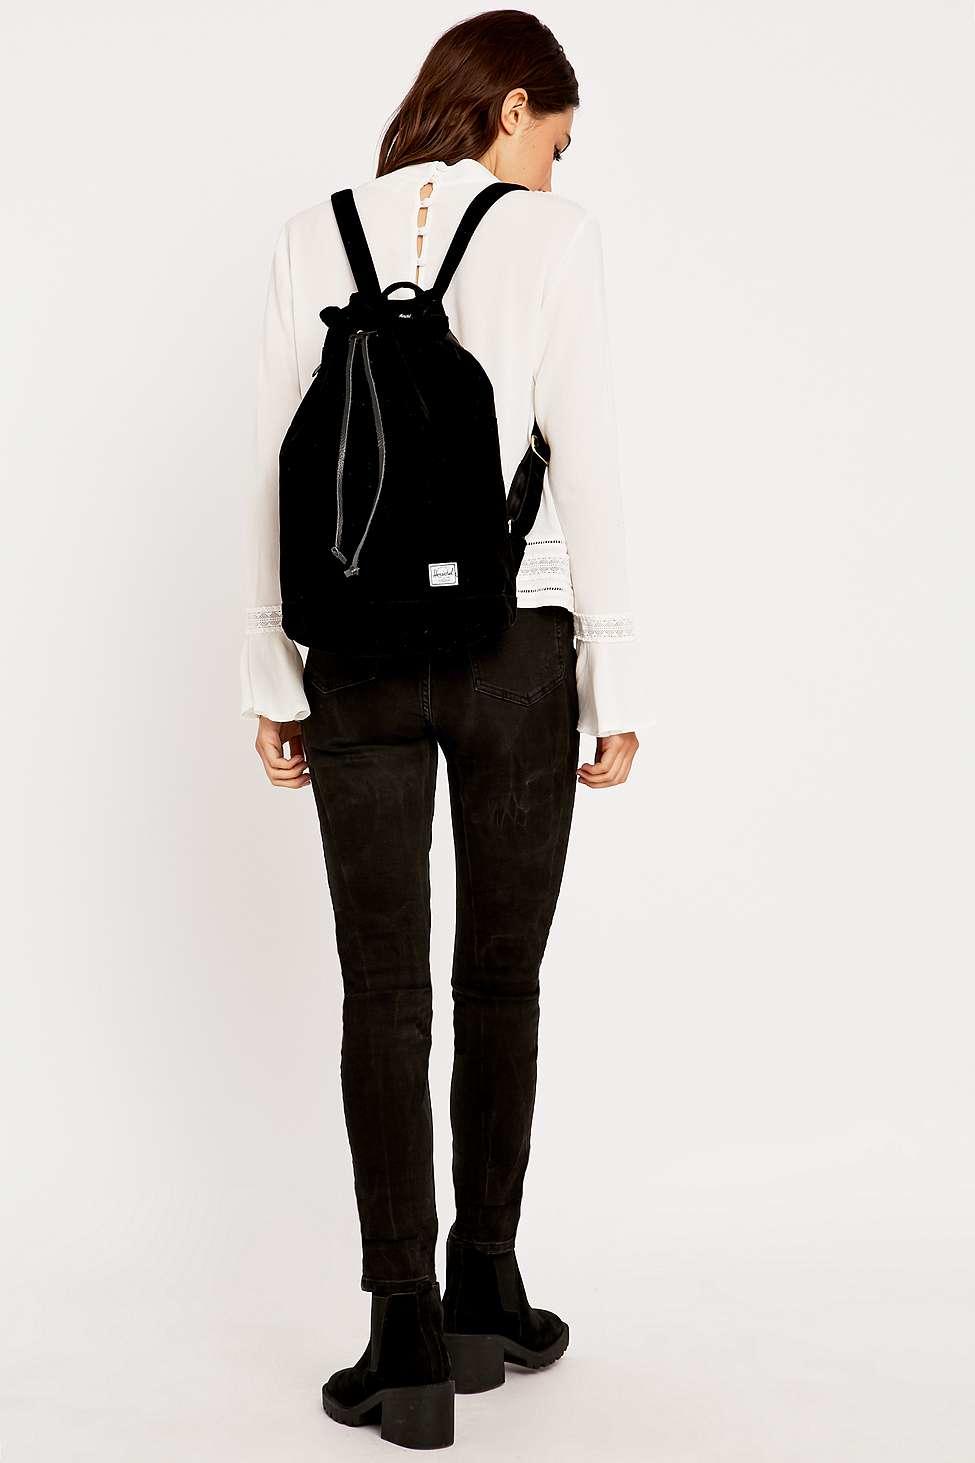 acabd95083f Herschel Supply Co. Hanson Black Velvet Backpack in Black - Lyst